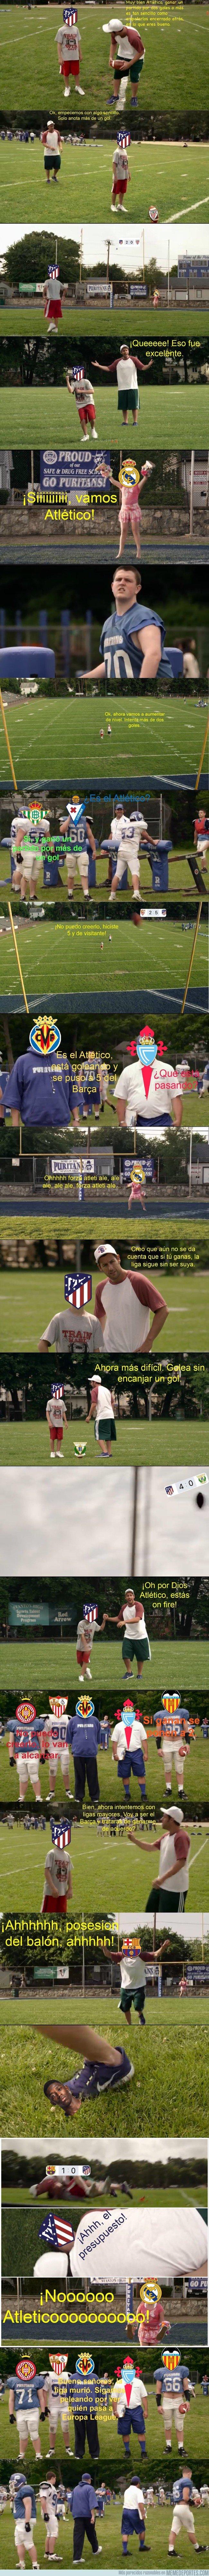 1024242 - Tanto hablar de cómo venía el Atlético yyyy....